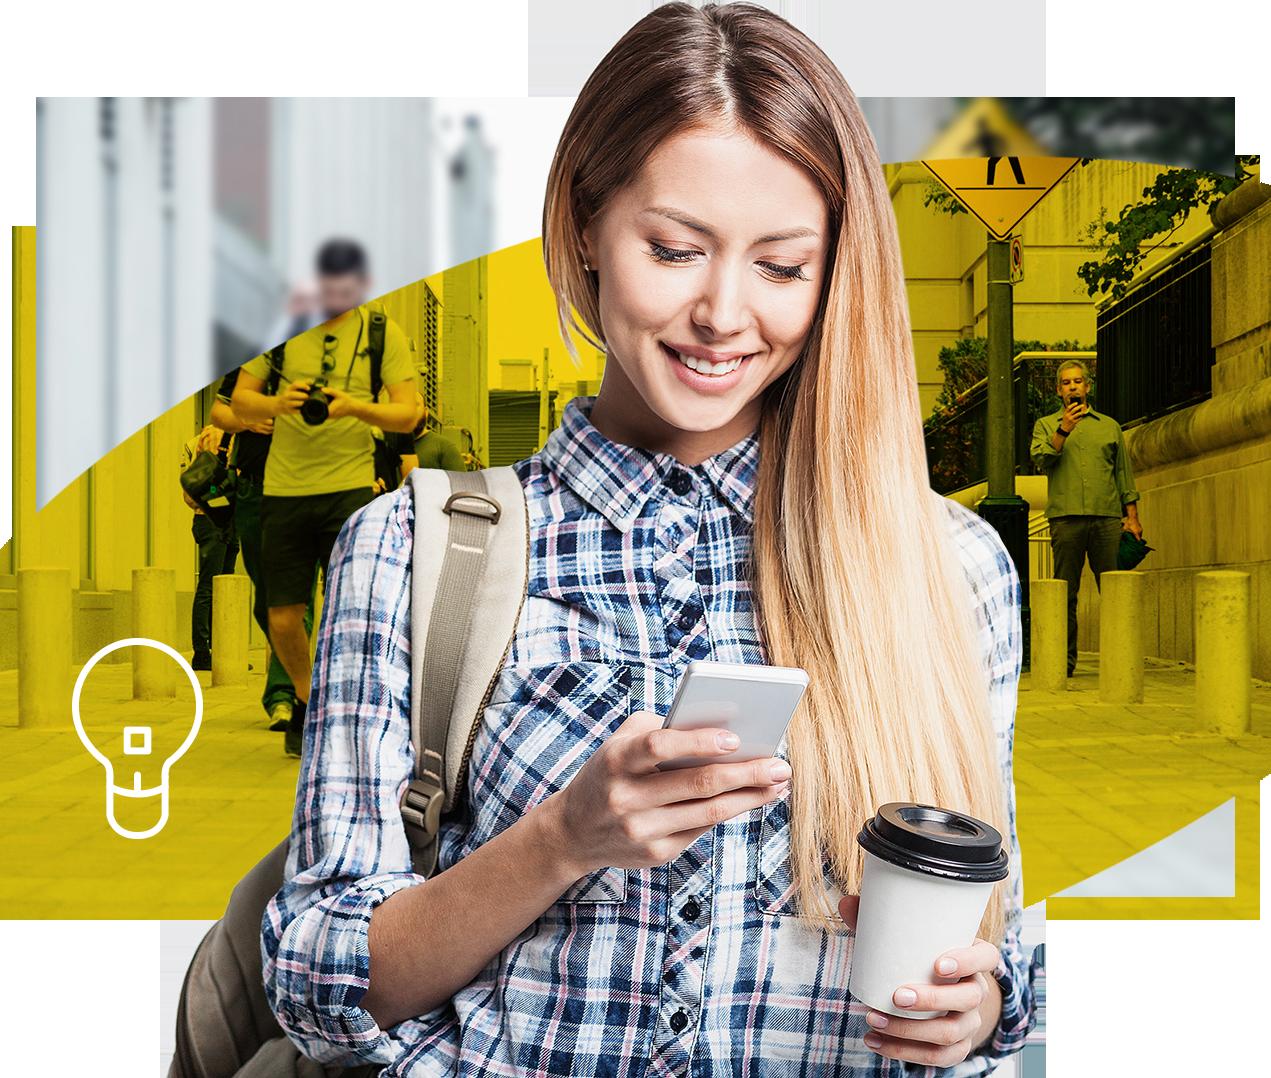 Frau mit Mobiltelefon, Gelbes Hintergrund